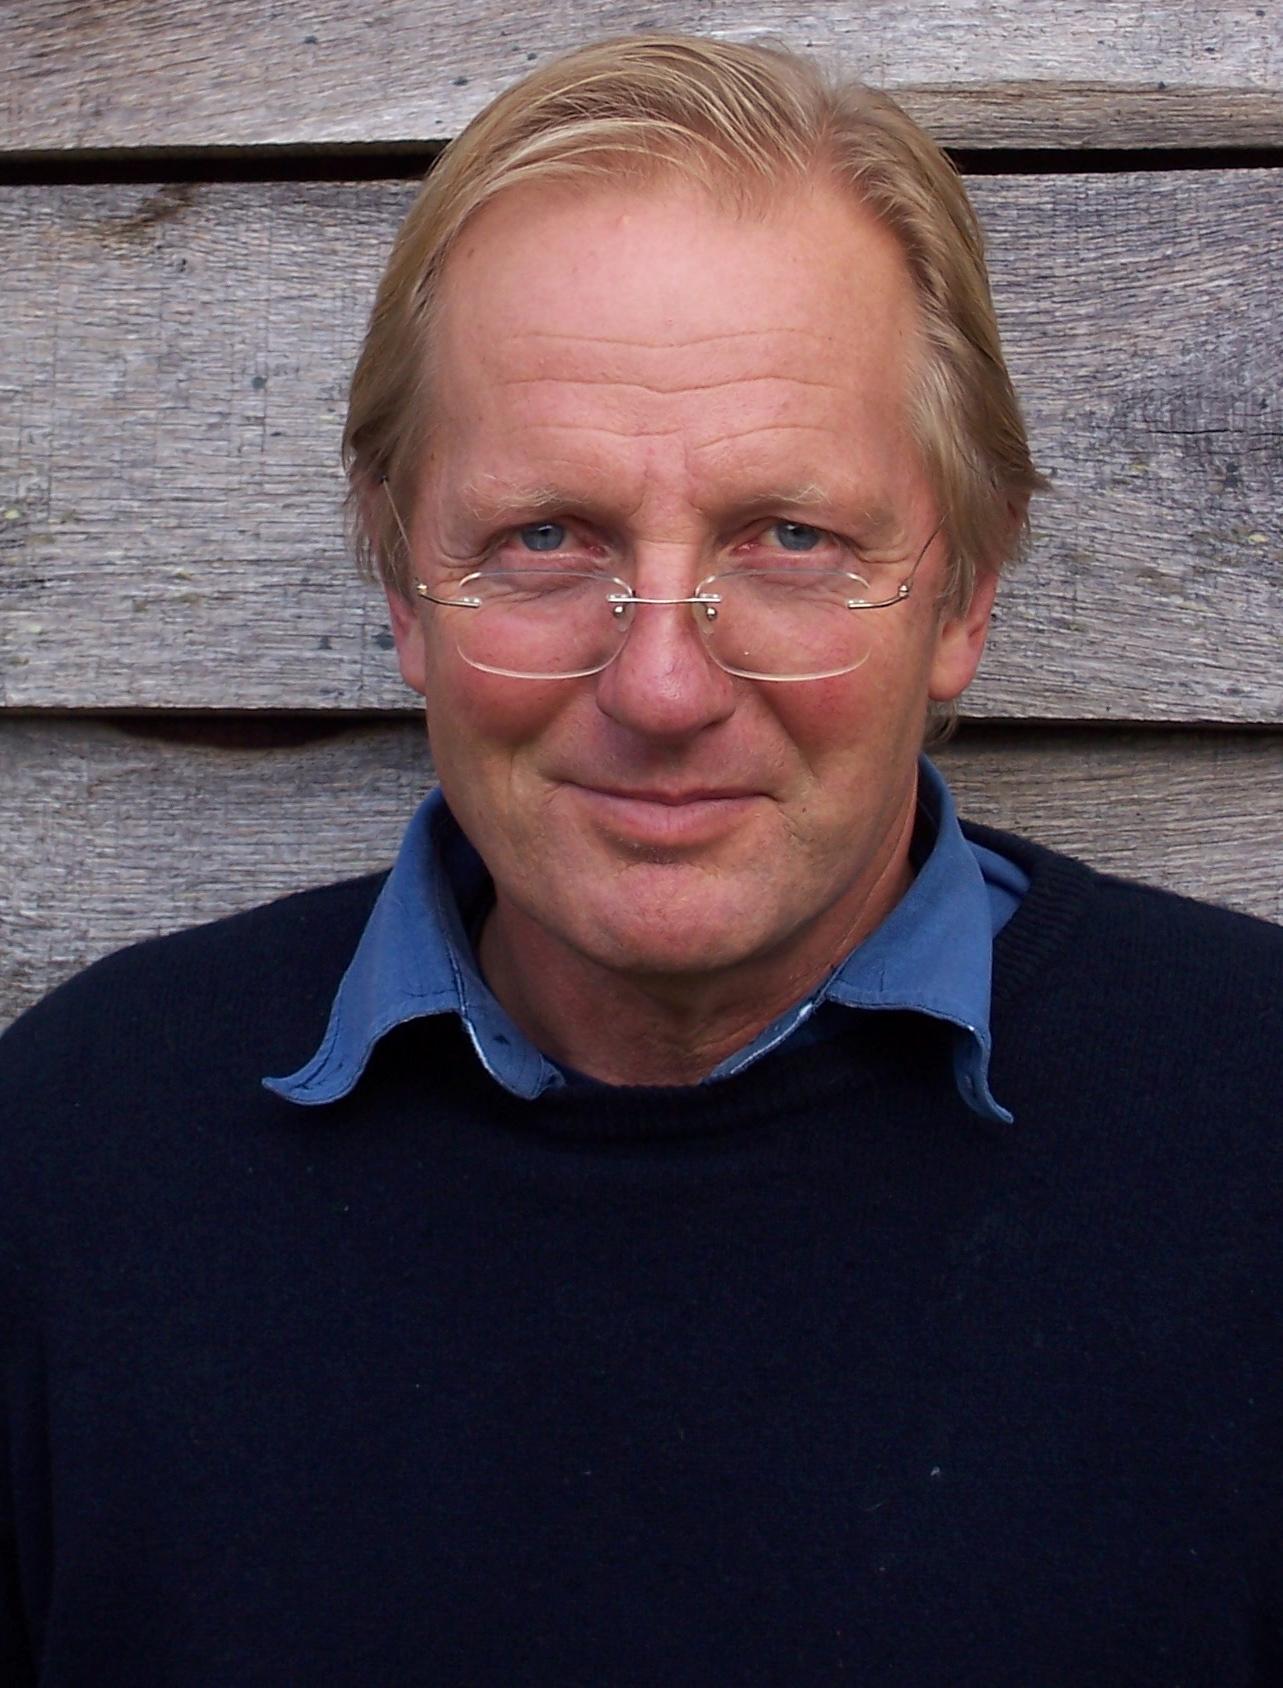 Sam Llewellyn